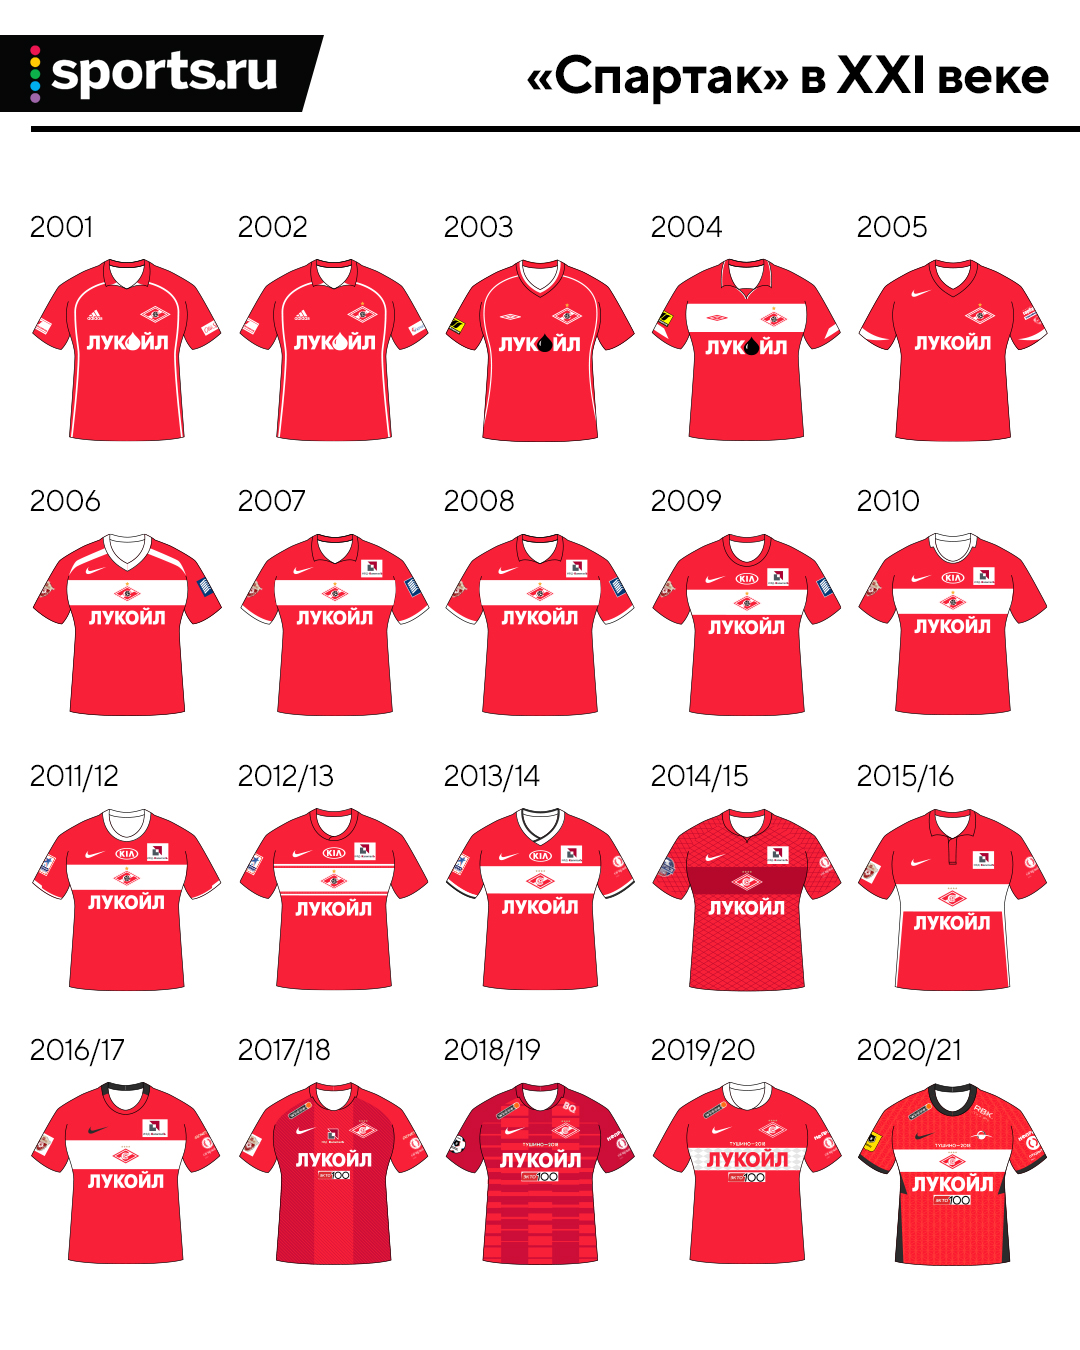 А давайте посмотрим, как менялись домашние формы «Спартака» и ЦСКА в XXI веке. Здесь – все 40 комплектов